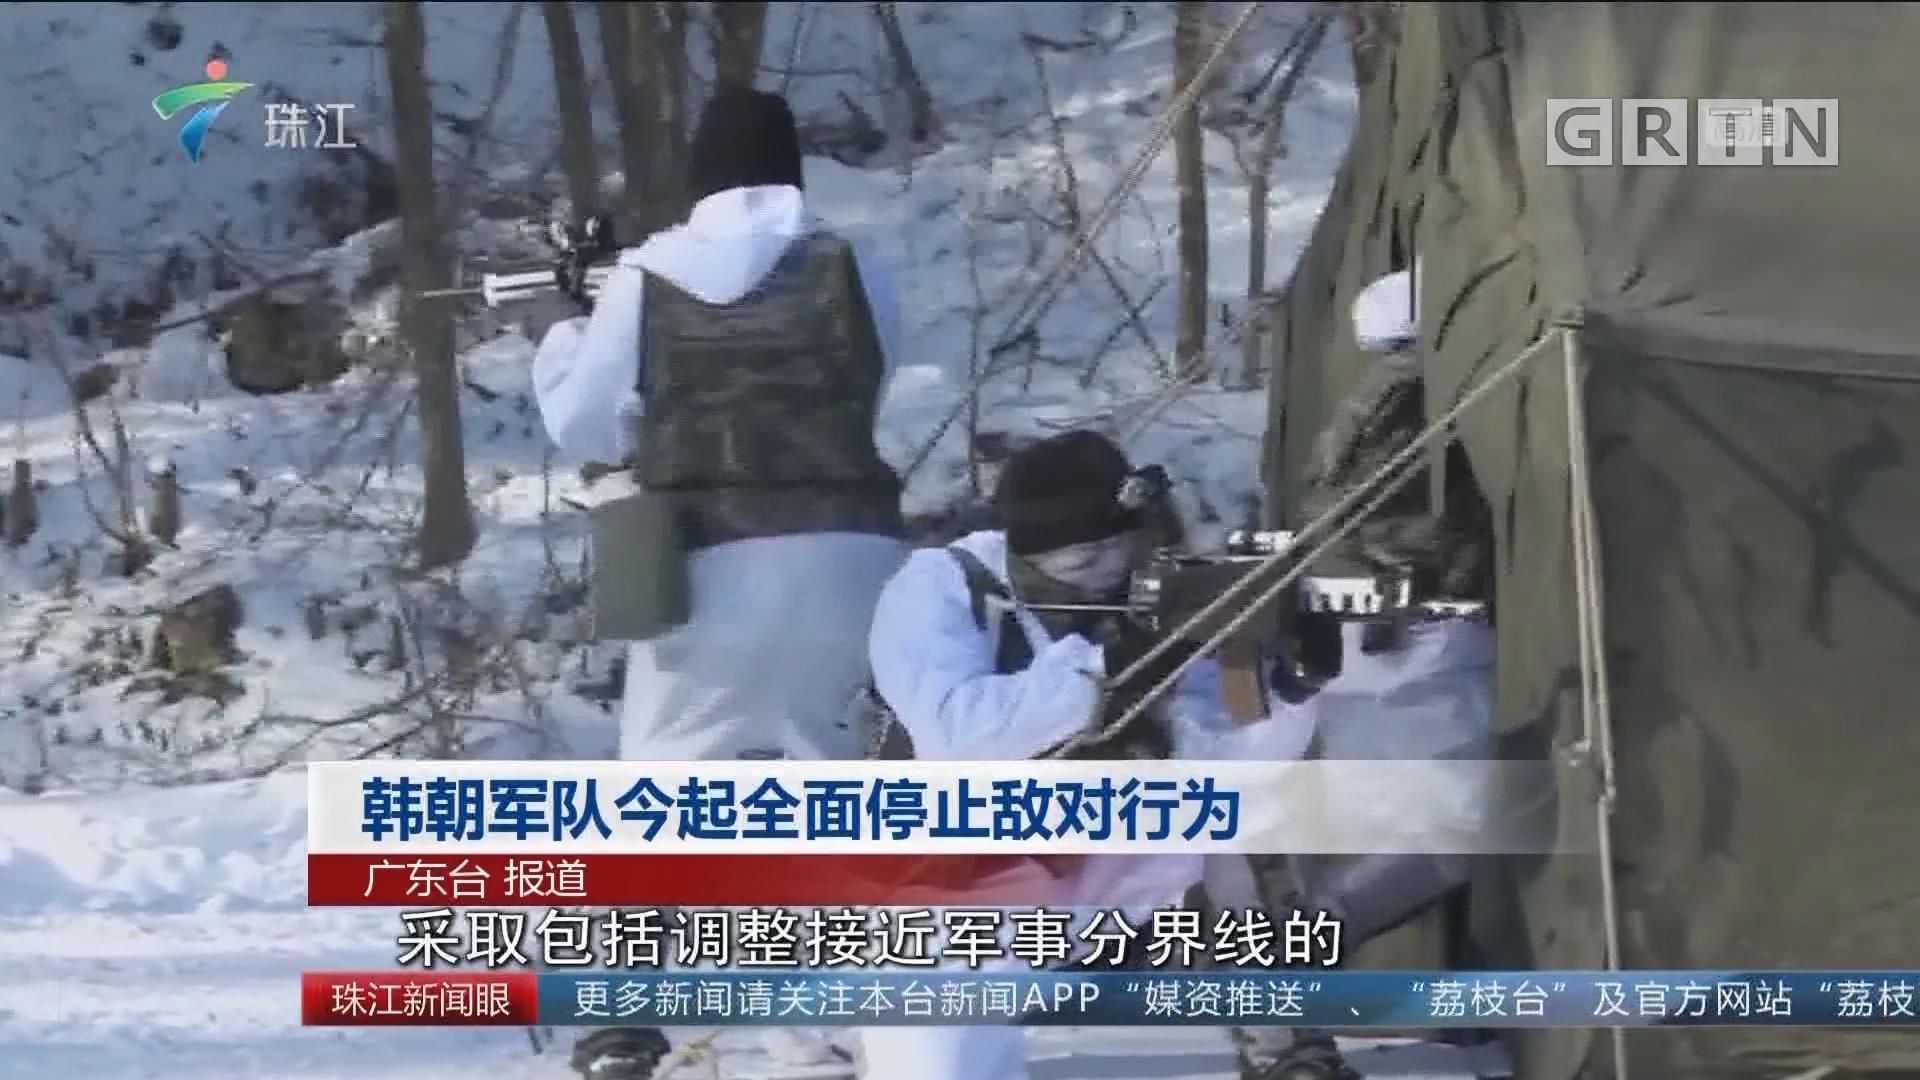 韩朝军队今起全面停止敌对行为